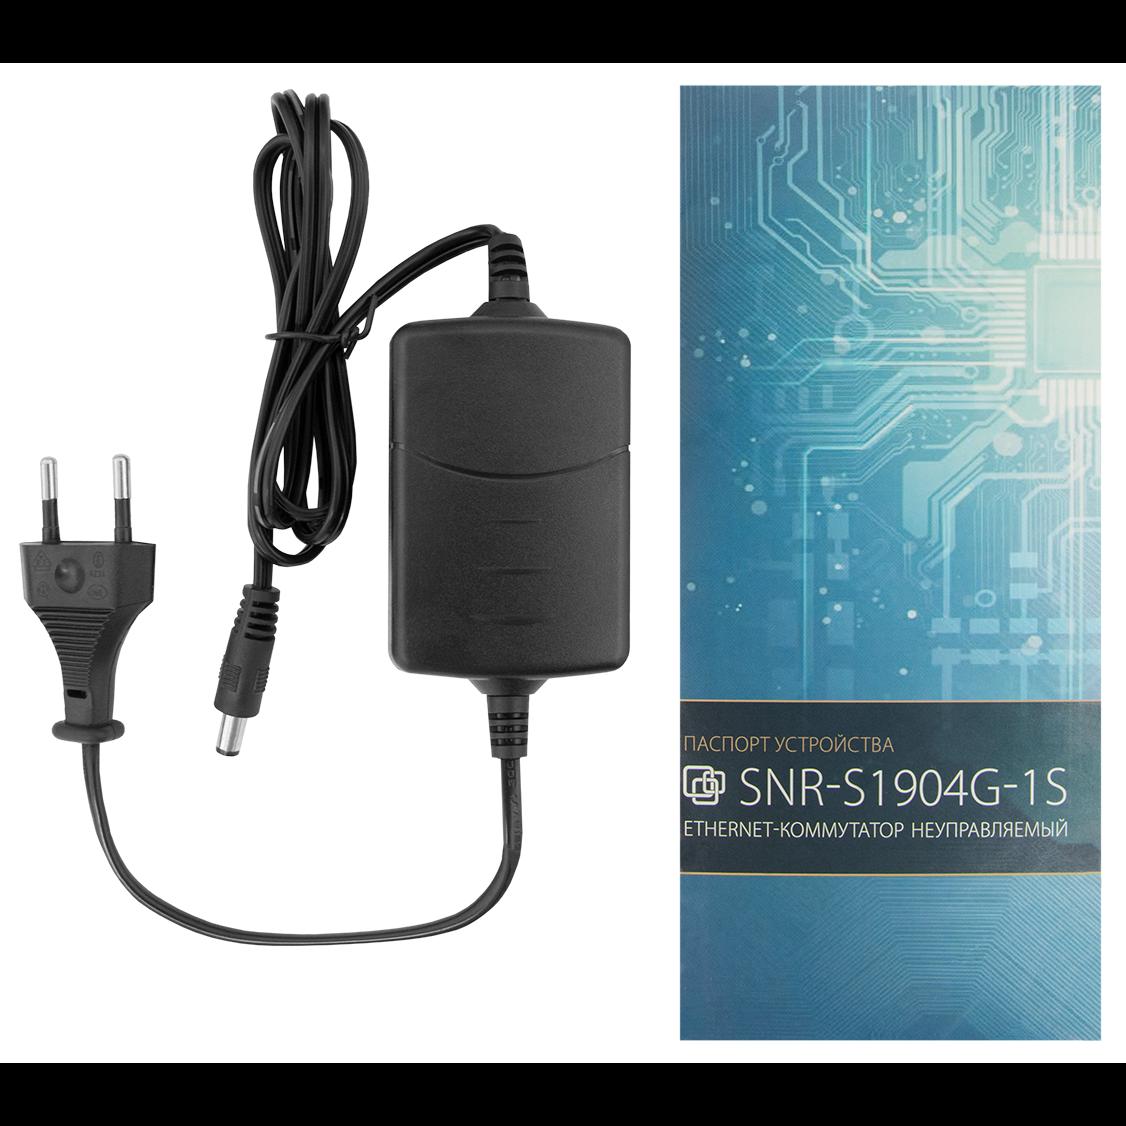 Неуправляемый коммутатор SNR-S1904G-1S